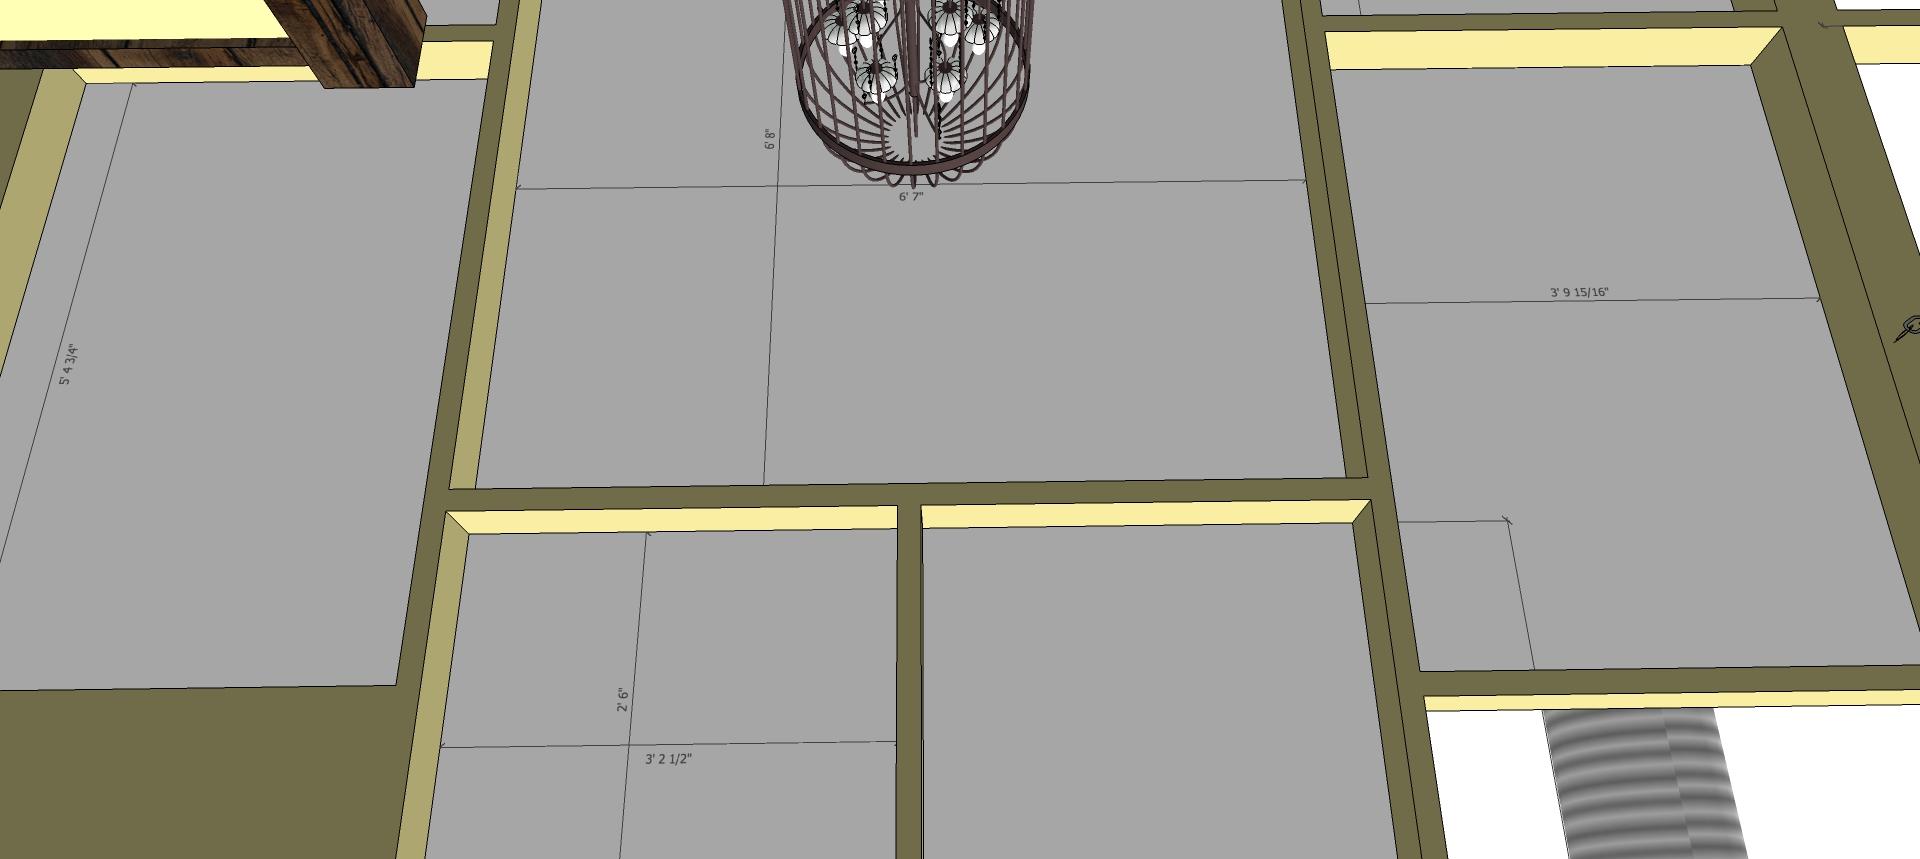 Ceiling Grid 3.jpg